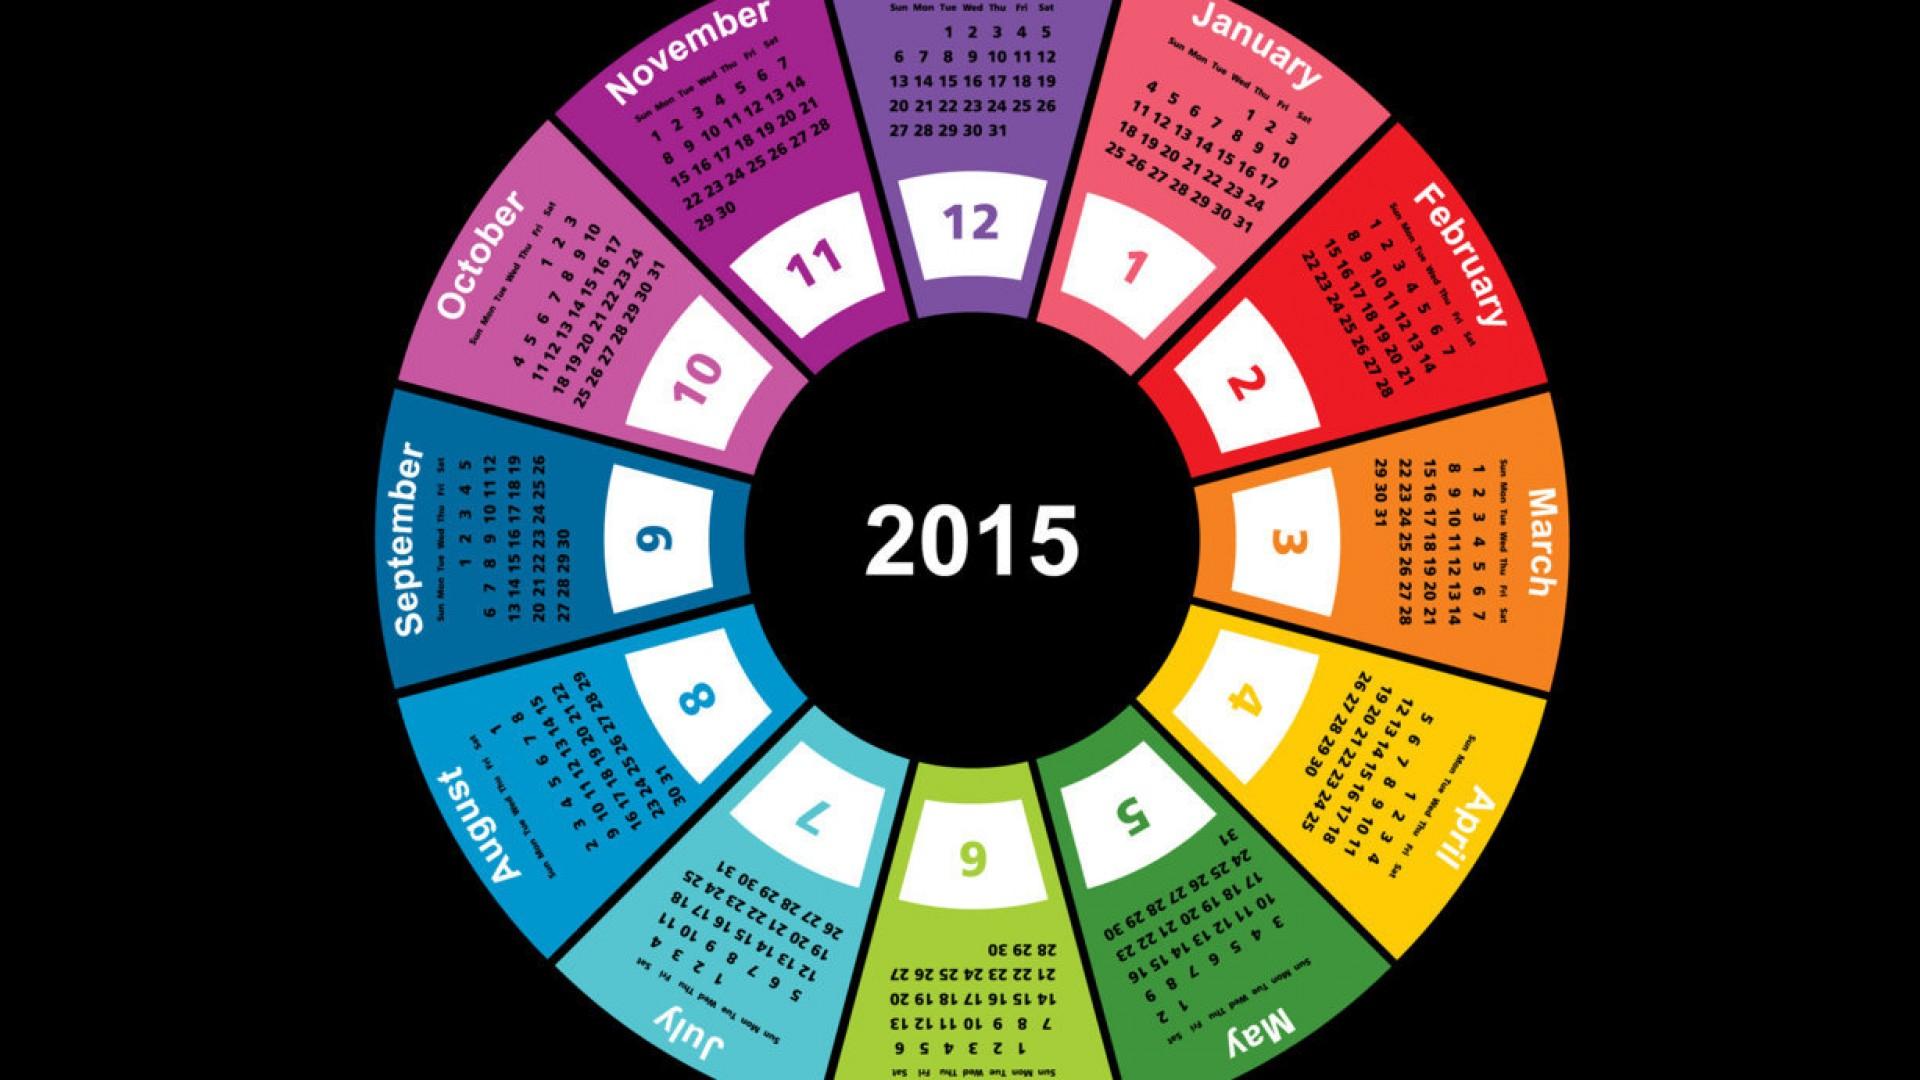 2015 Year Calendar Wallpaper Download 2015 Calendar by Month 1920x1080